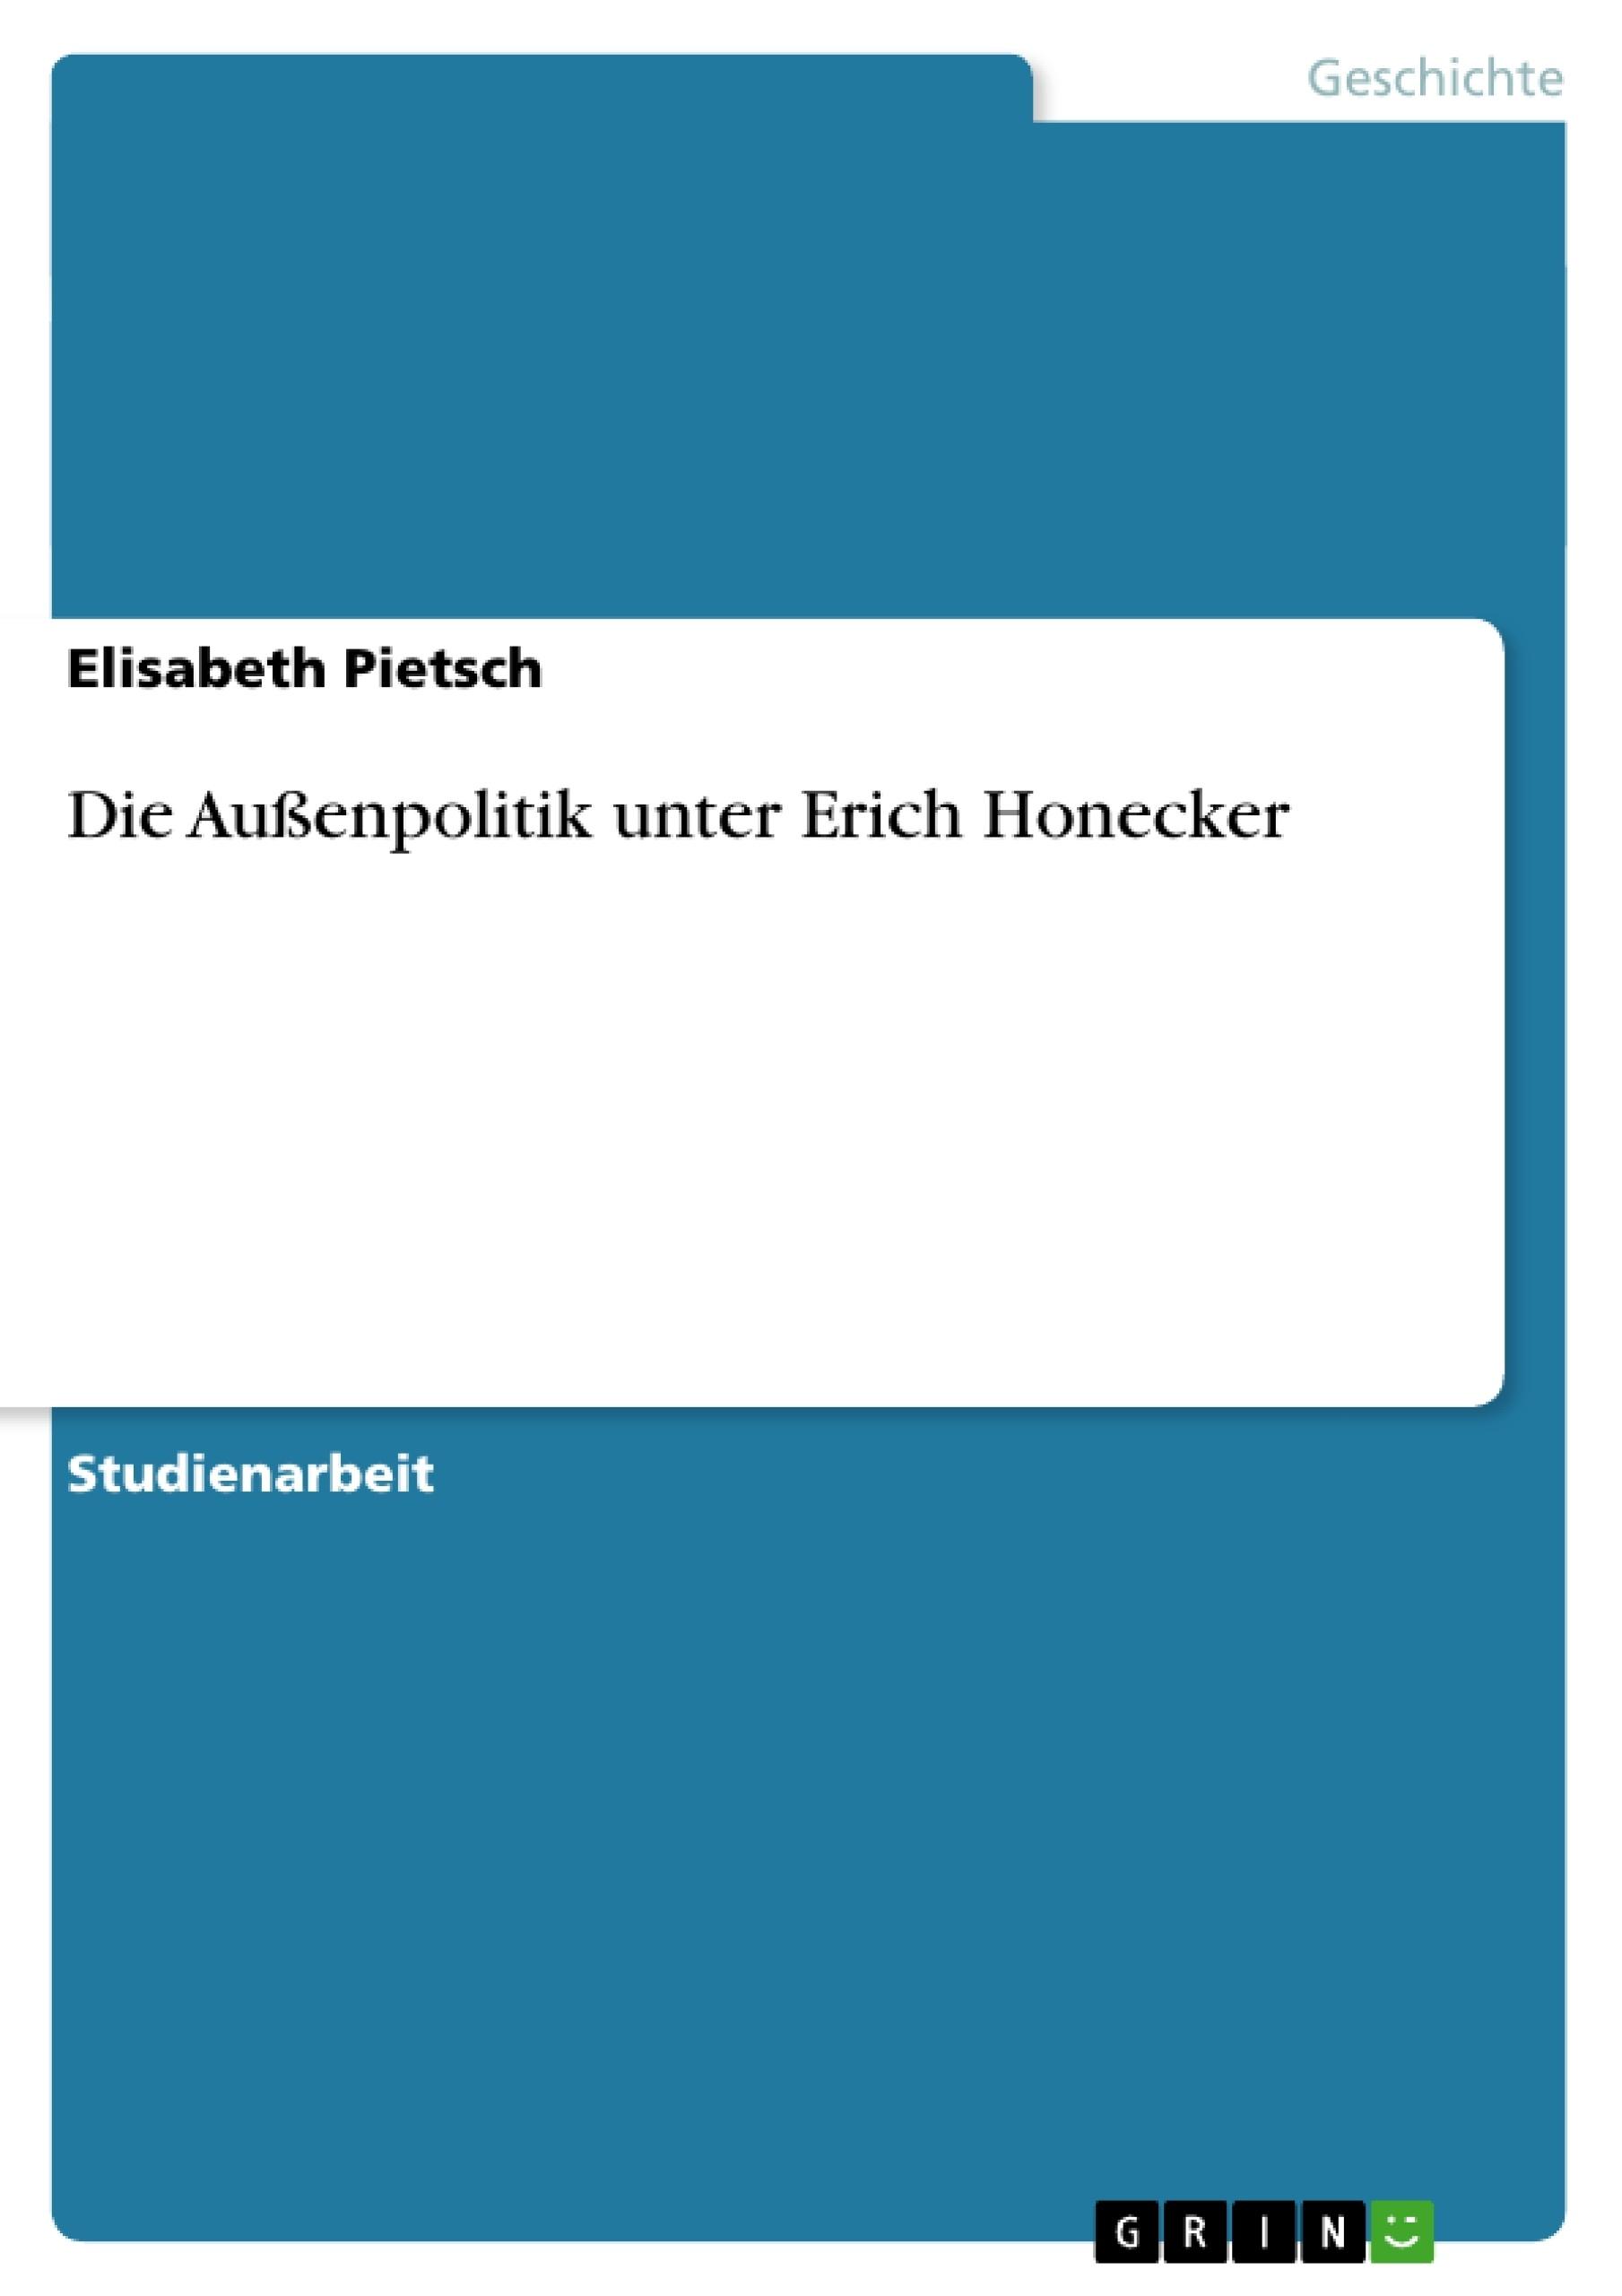 Titel: Die Außenpolitik unter Erich Honecker